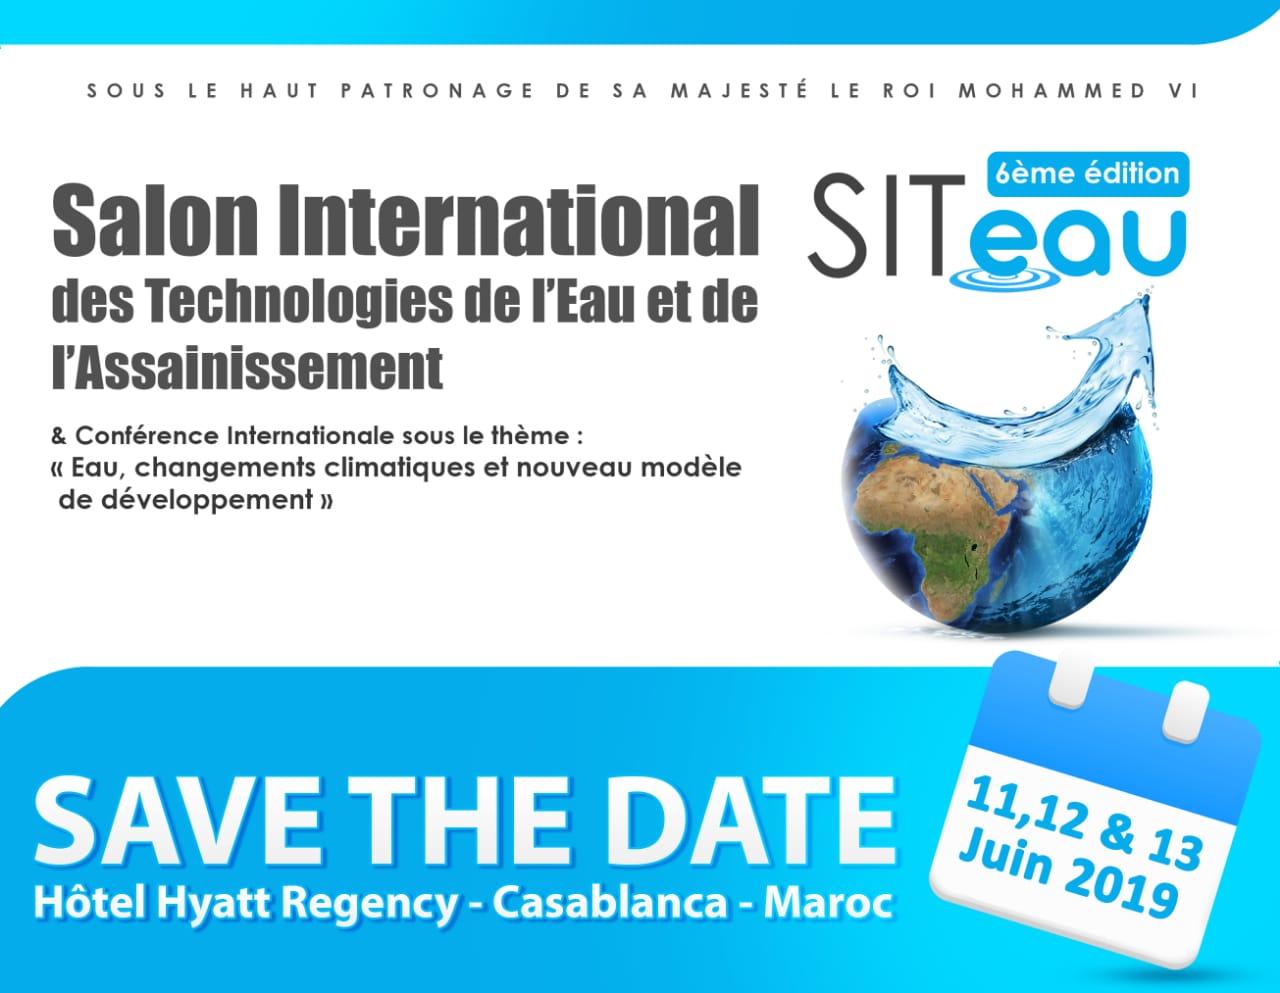 الائتلاف المغربي للماء ينظم النسخة السادسة للمعرض الدولي لتكنولوجيات الماء و التطهير